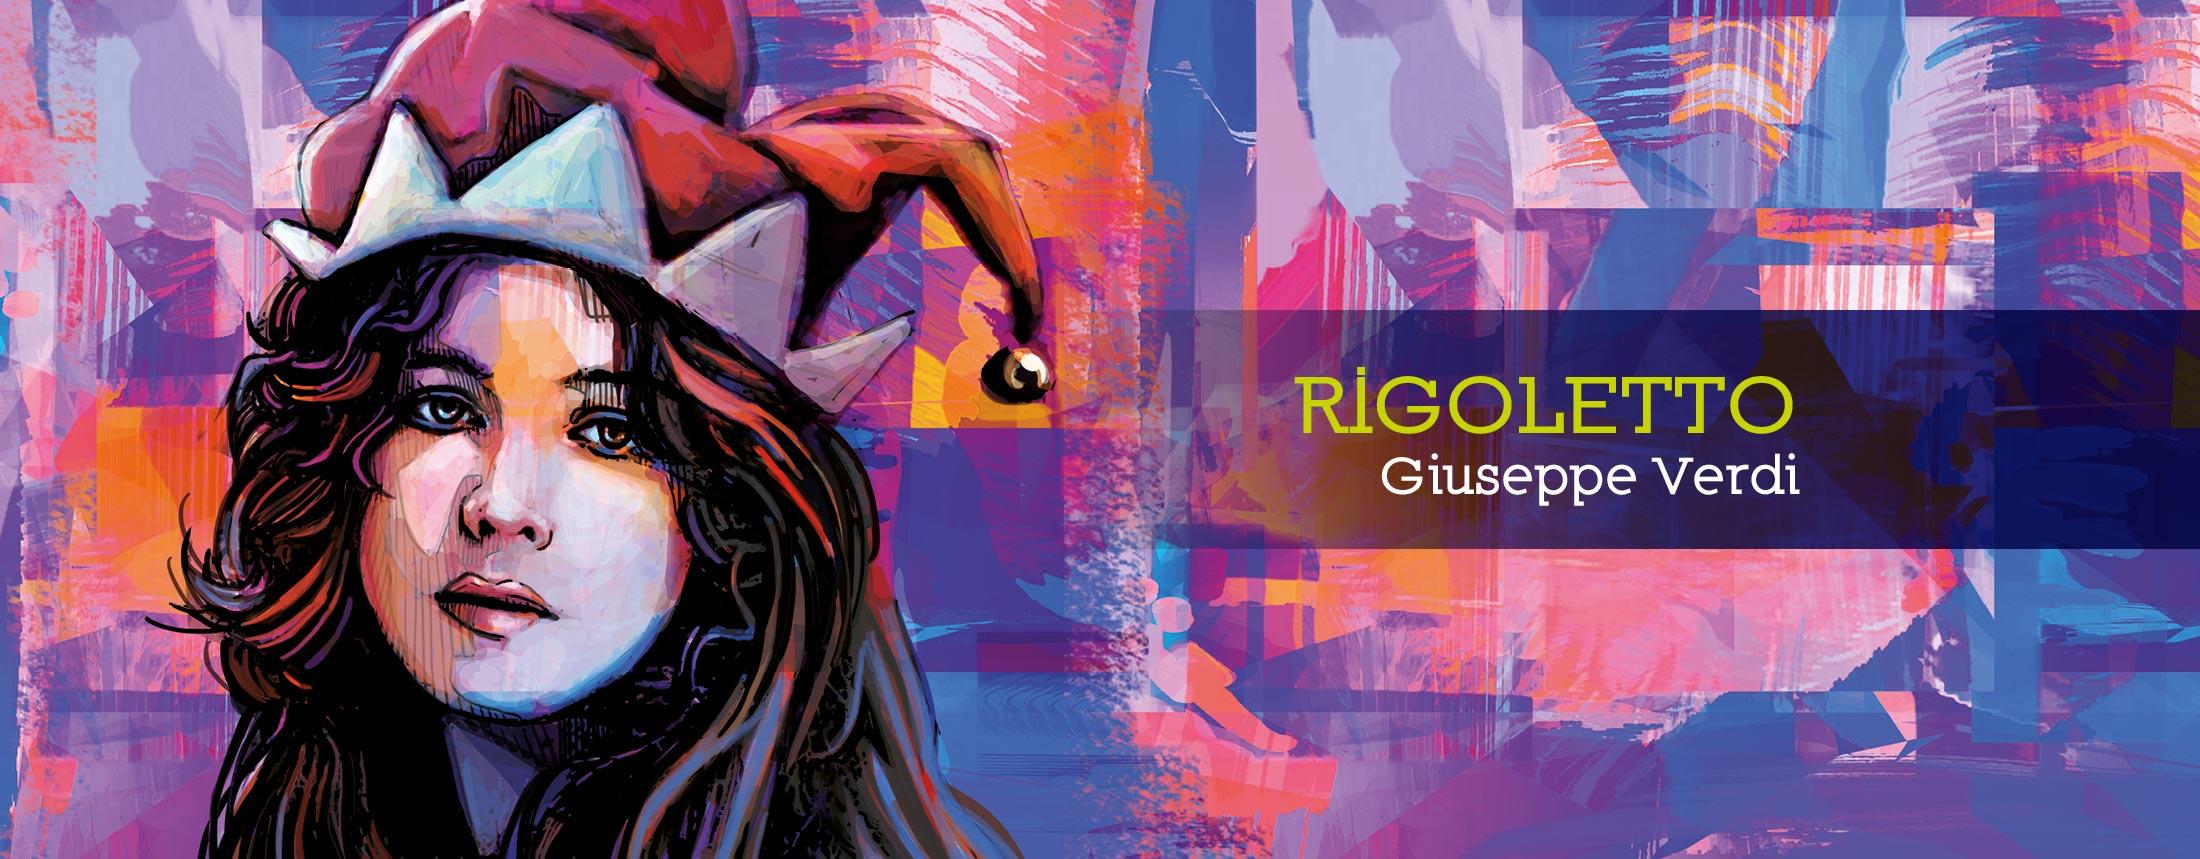 TCBO_2200x859-Rigoletto_0918